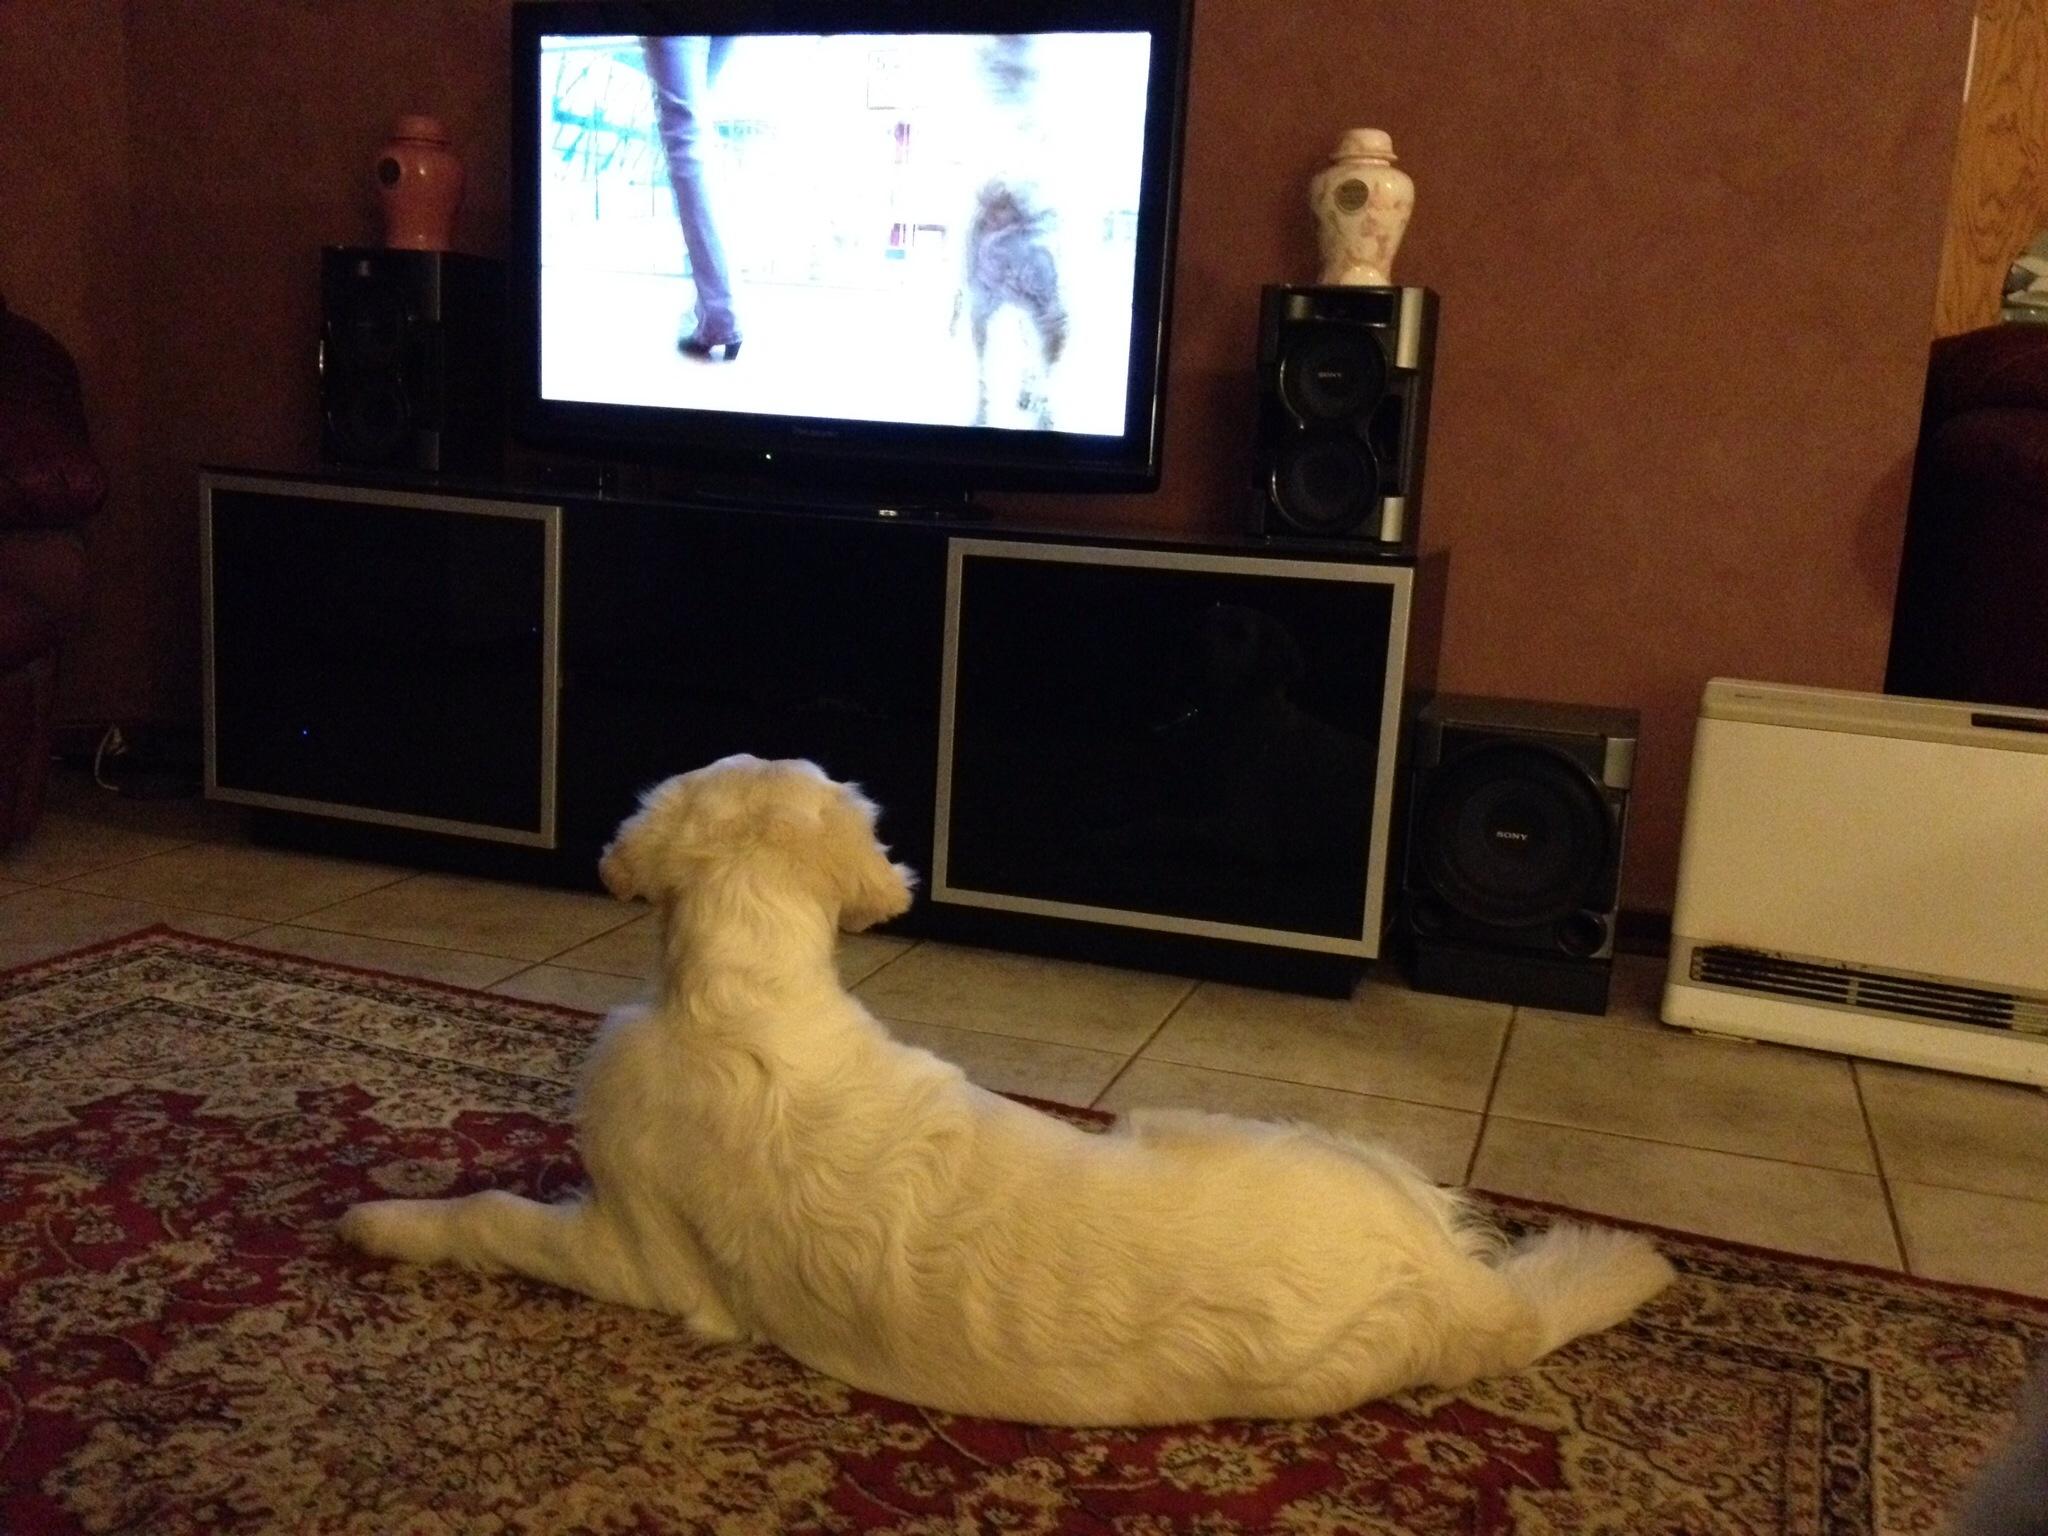 conarhu_golden_retrievers_perth_australia_ruth_connah_our_dogs_ramble_gallery_4.jpg